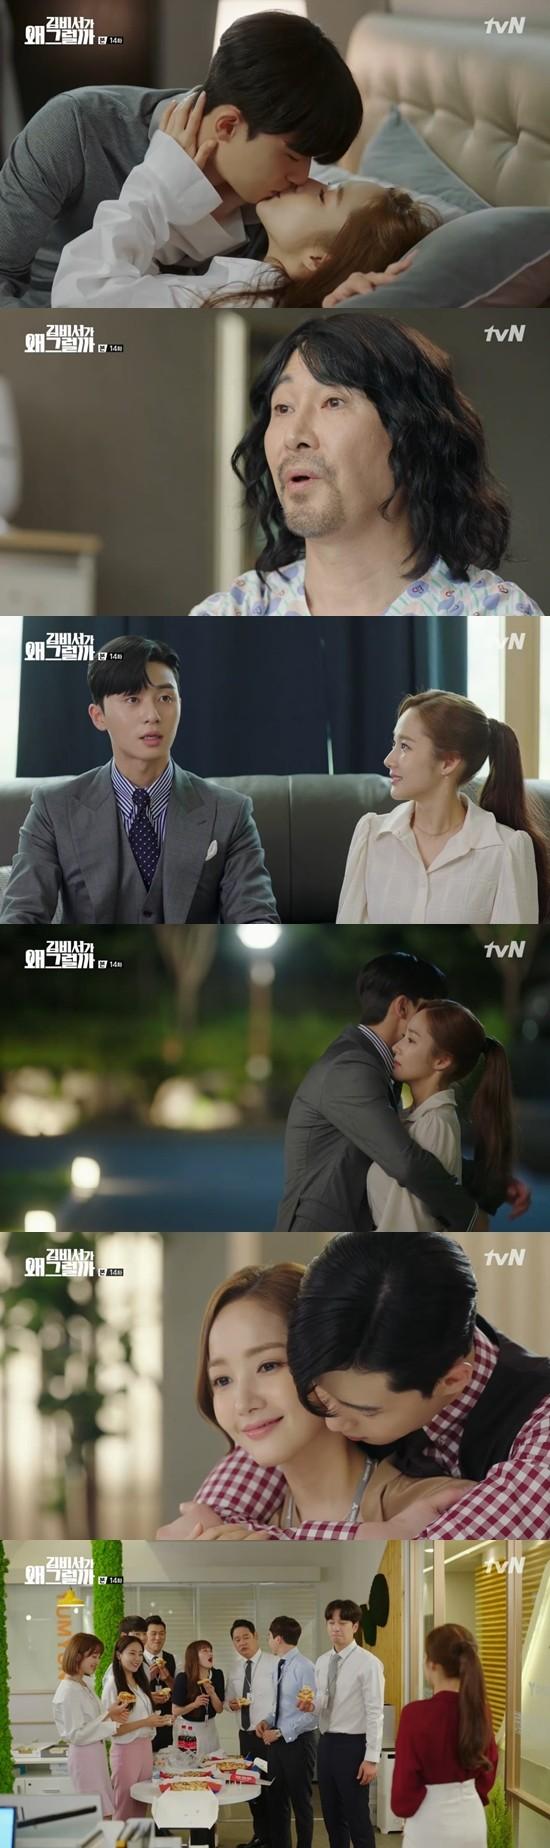 '김비서가 왜 그럴까' 박서준♥박민영, 위기 극복X퇴사 포기하며 '끈끈'